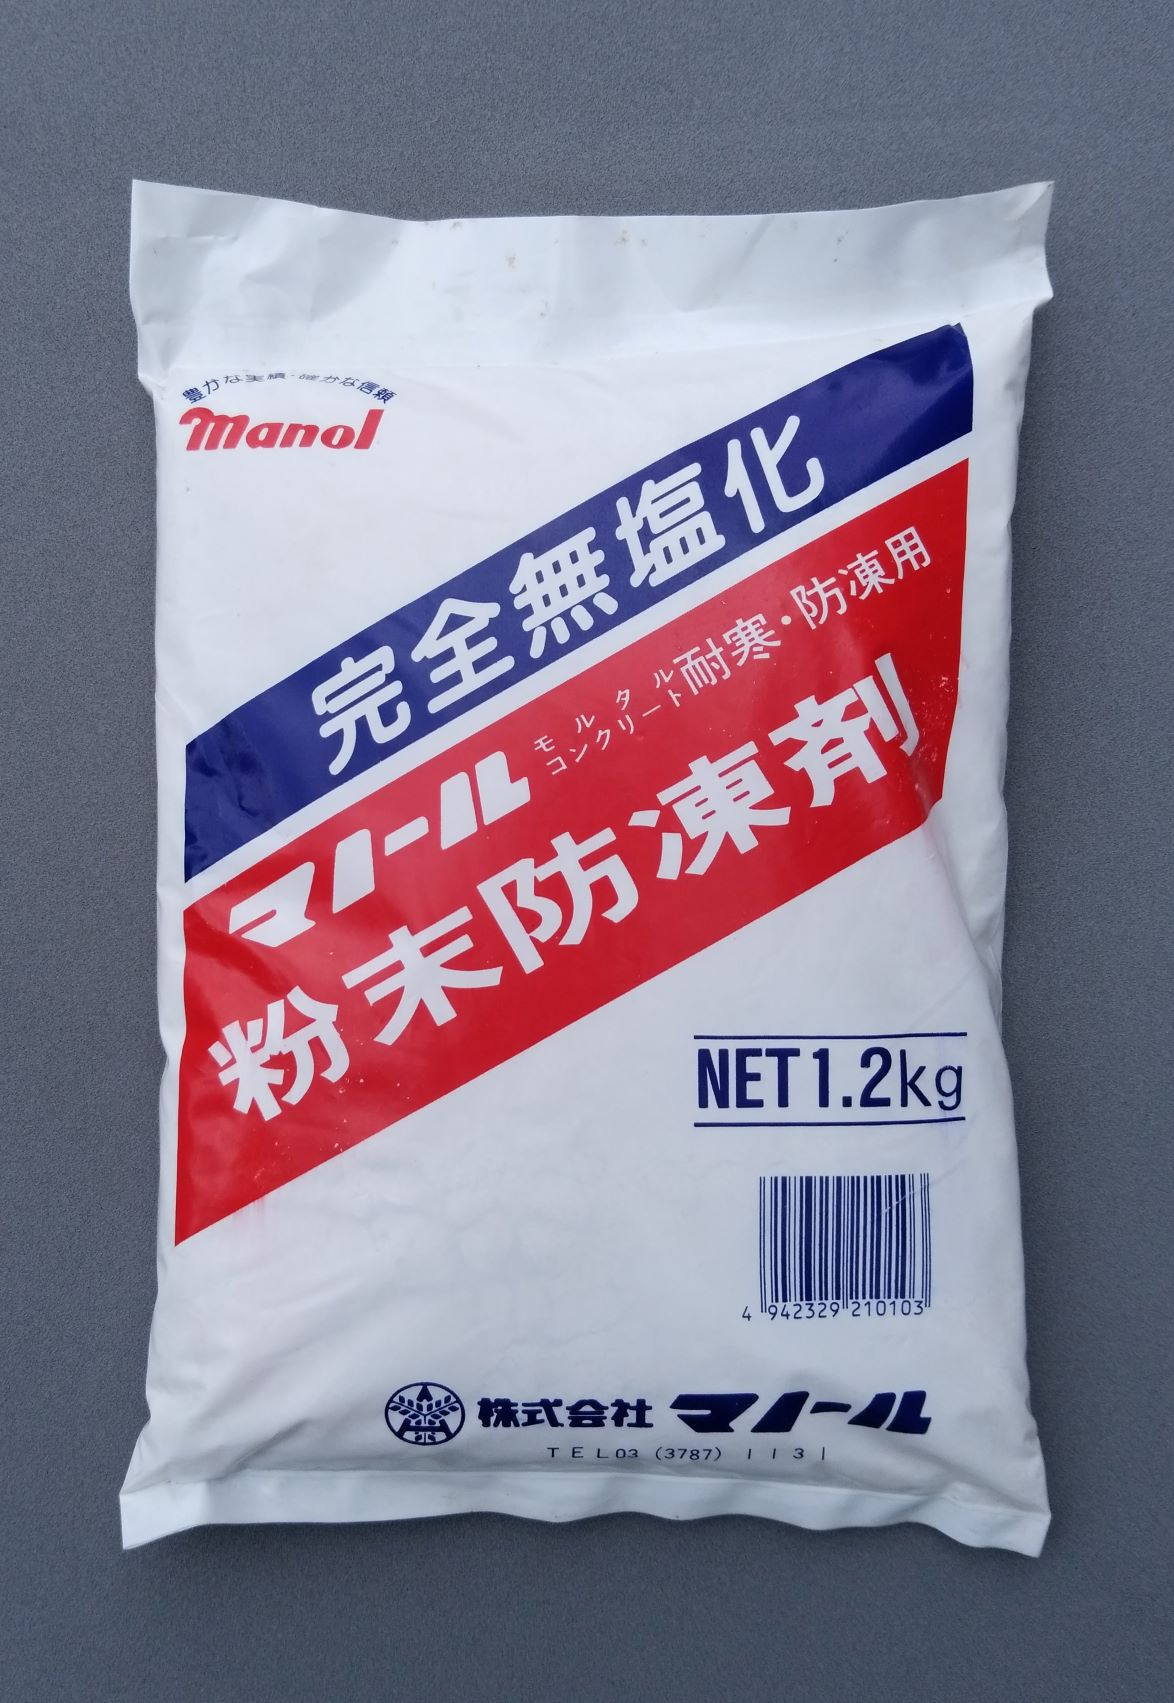 マノール粉末防凍剤1.2㎏